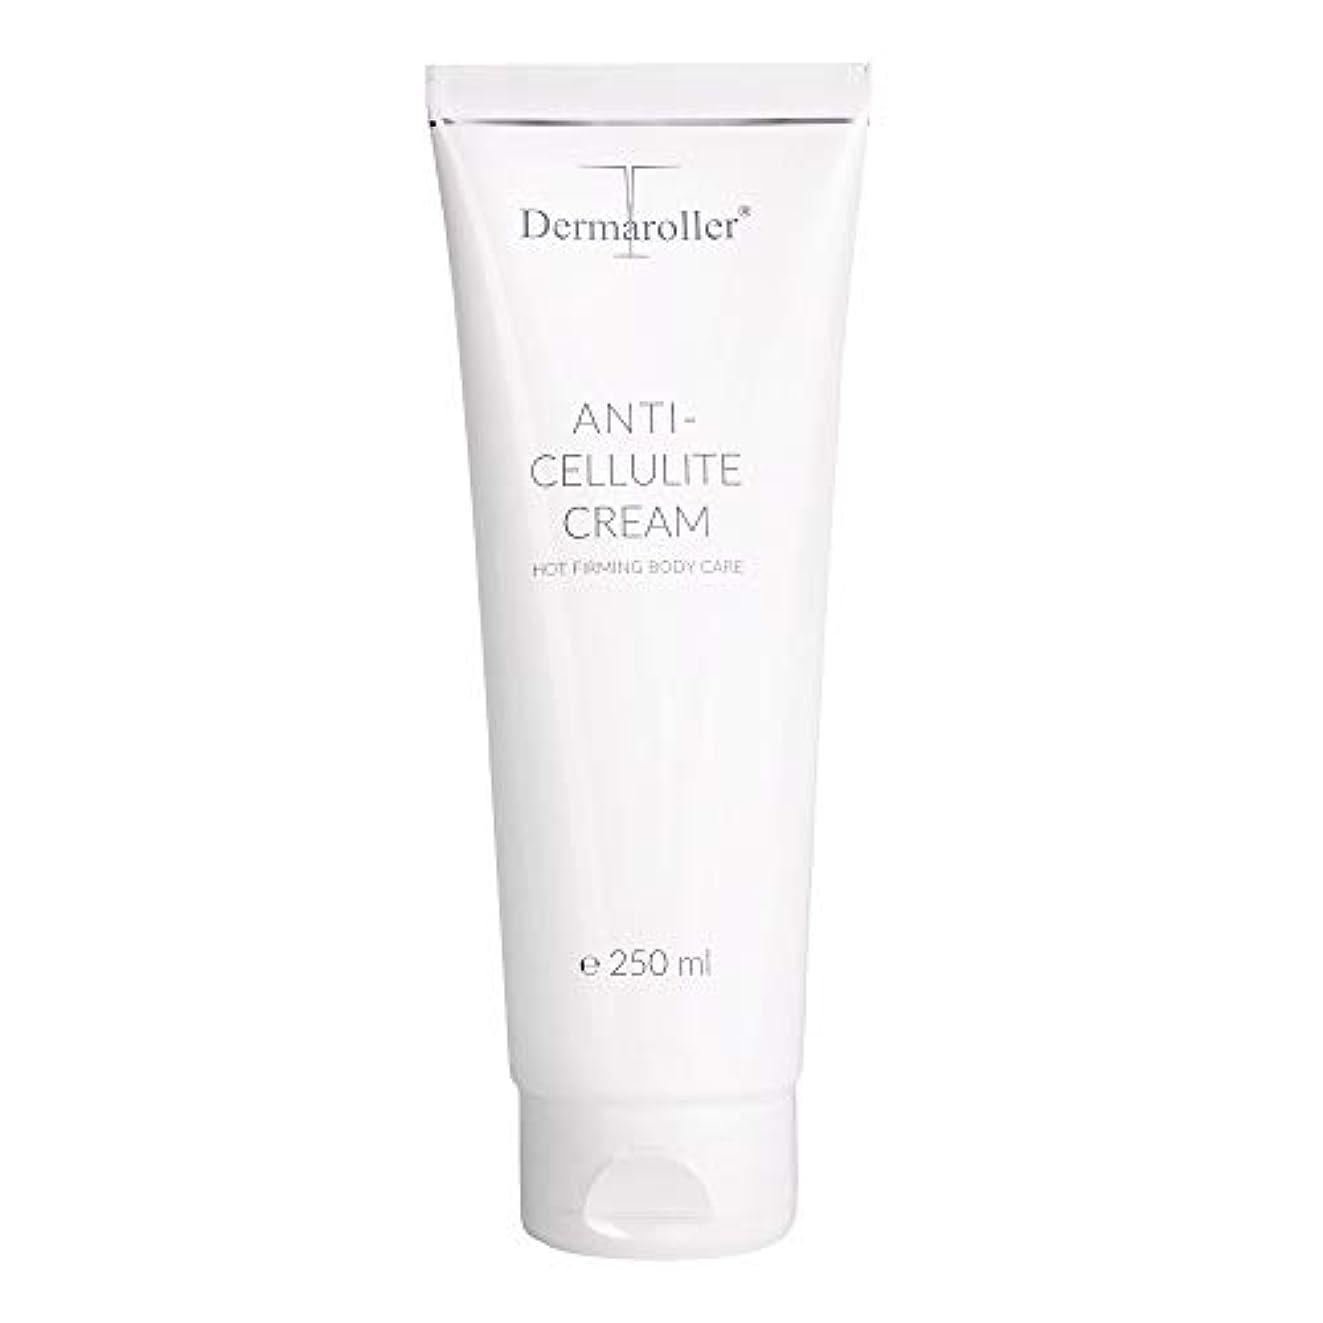 痛い付き添い人ビバDermaroller アンチ セルライト クリーム 250ml [Dermaroller]Anti-Cellulite Cream